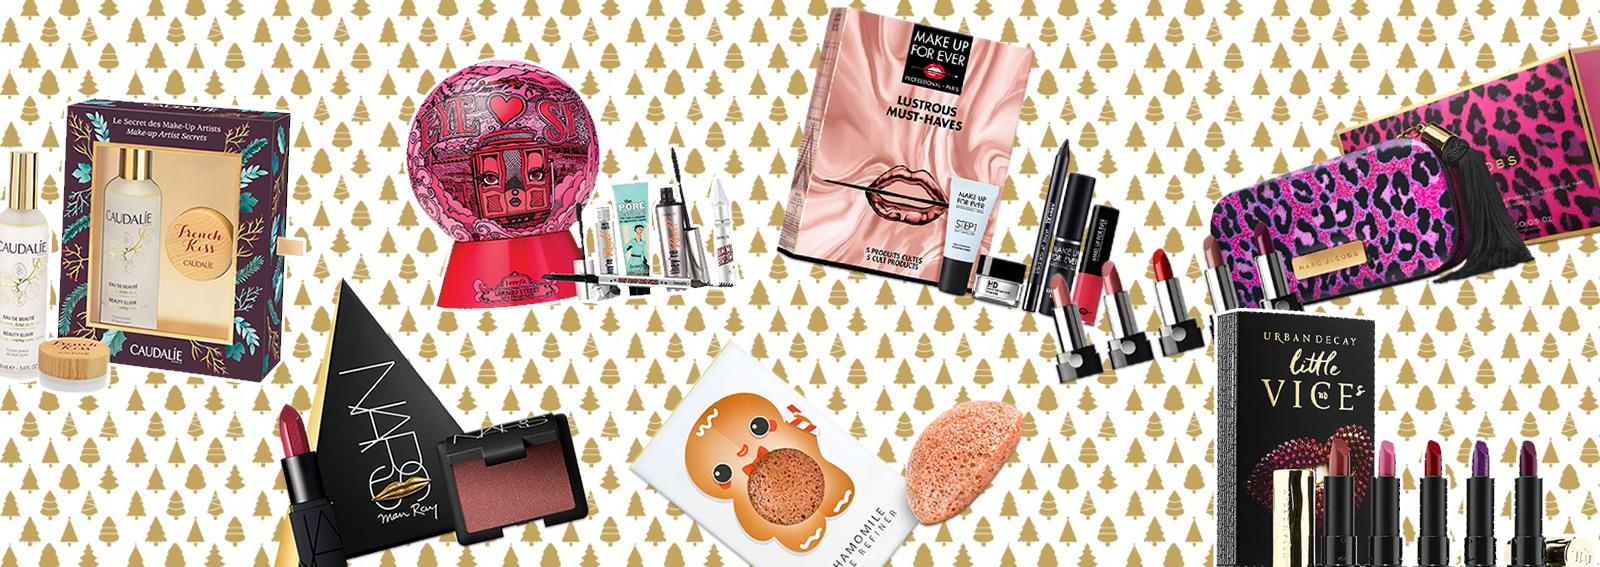 regali di natale economici sotto i 50 euro collage_desktop